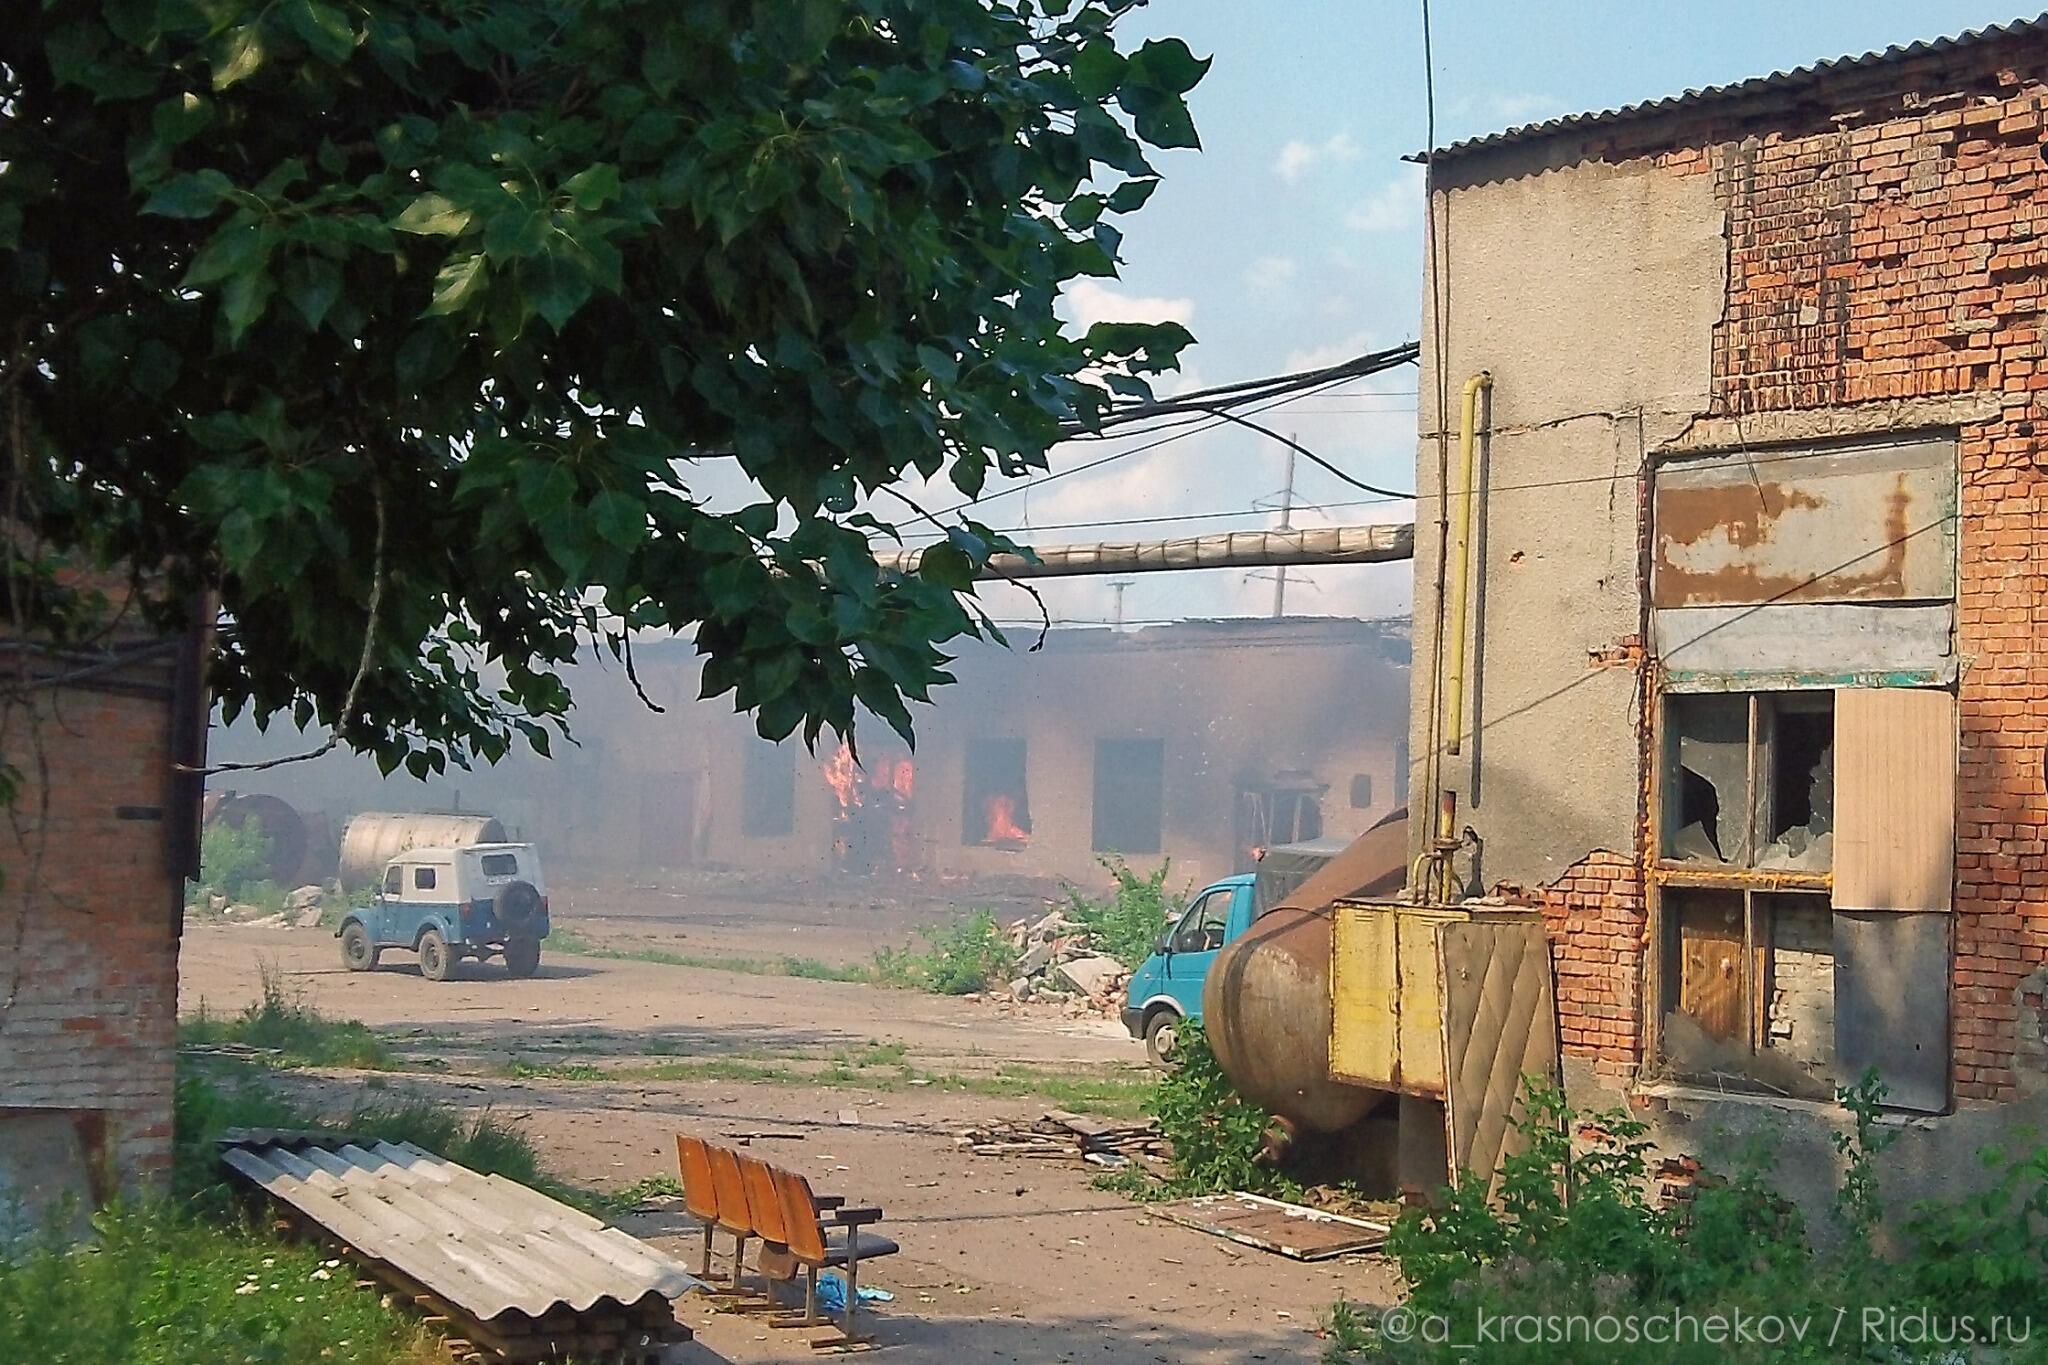 """Услуги боевиков на Донбасcе обходятся """"инвестору"""" в 3 млн долларов ежедневно, - СМИ - Цензор.НЕТ 3469"""